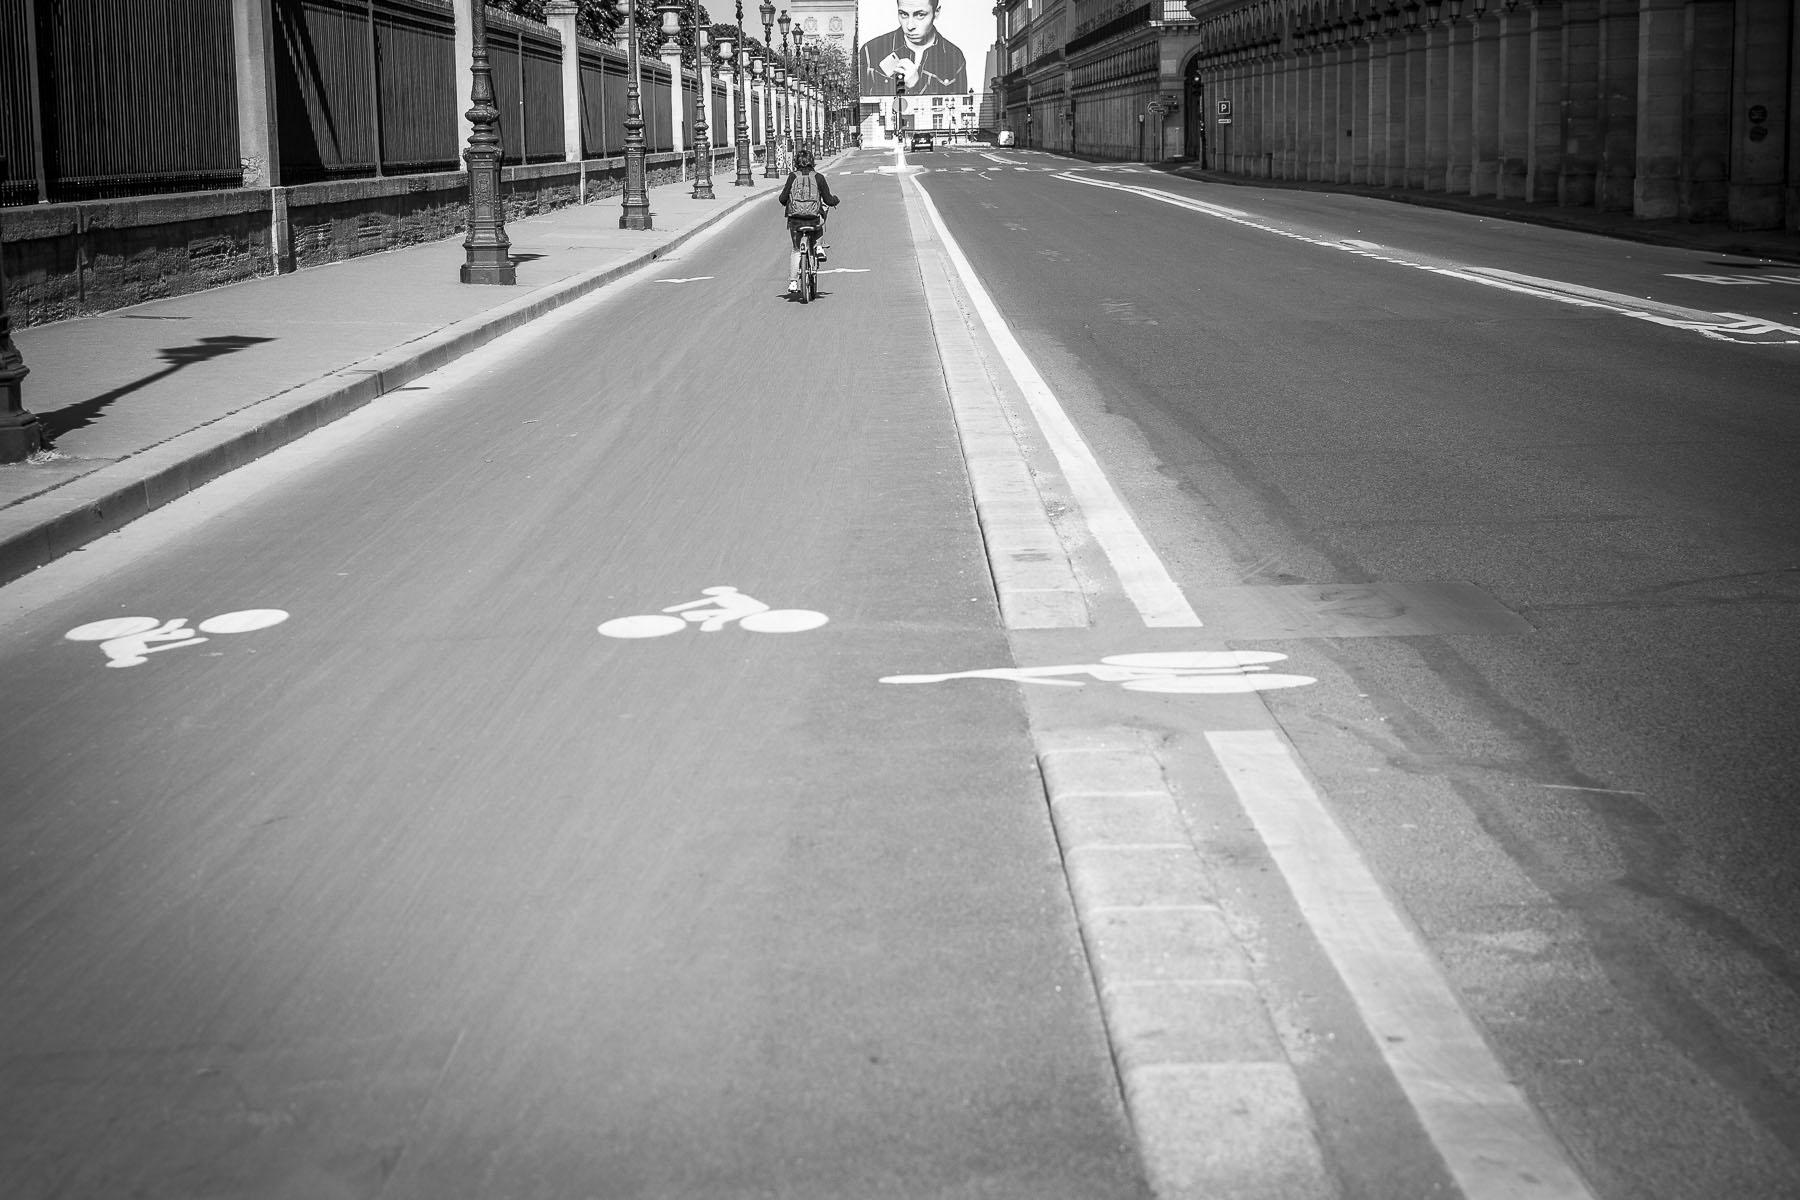 Rue de Rivoli, April 2020